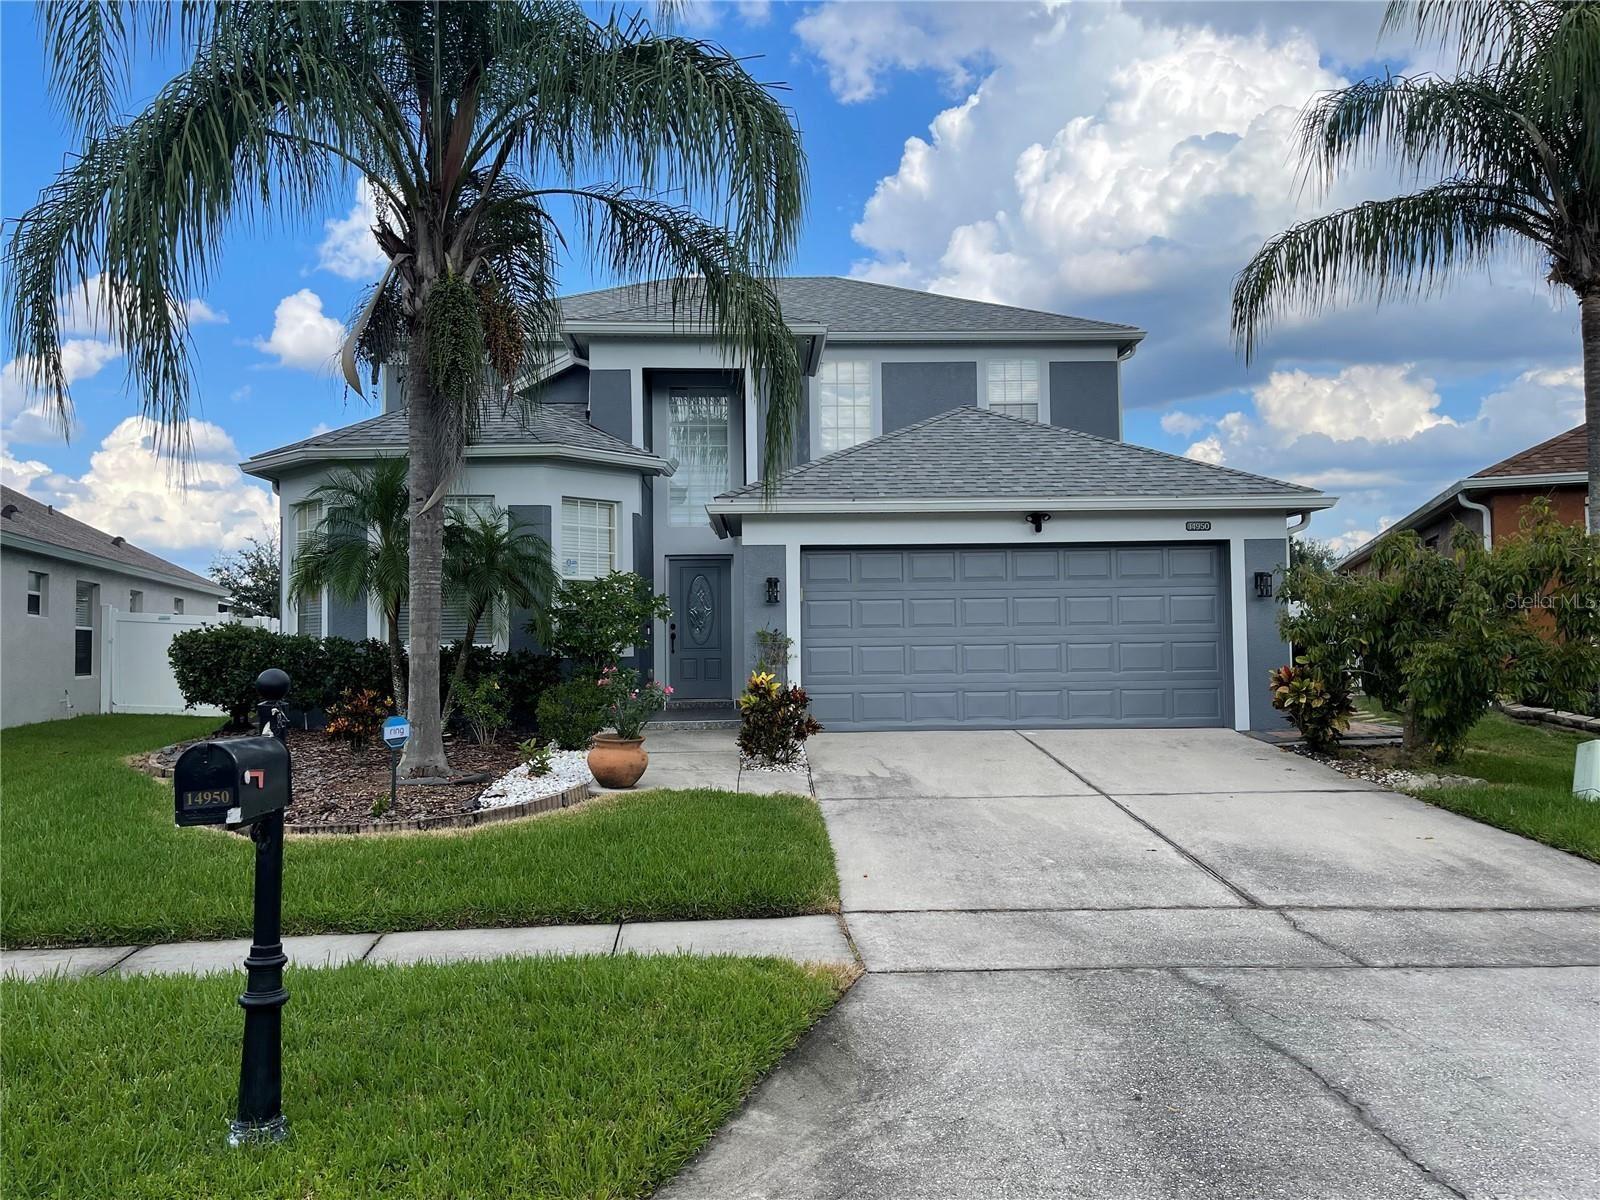 14950 BRAYWOOD TRAIL, Orlando, FL 32824 - #: S5055964